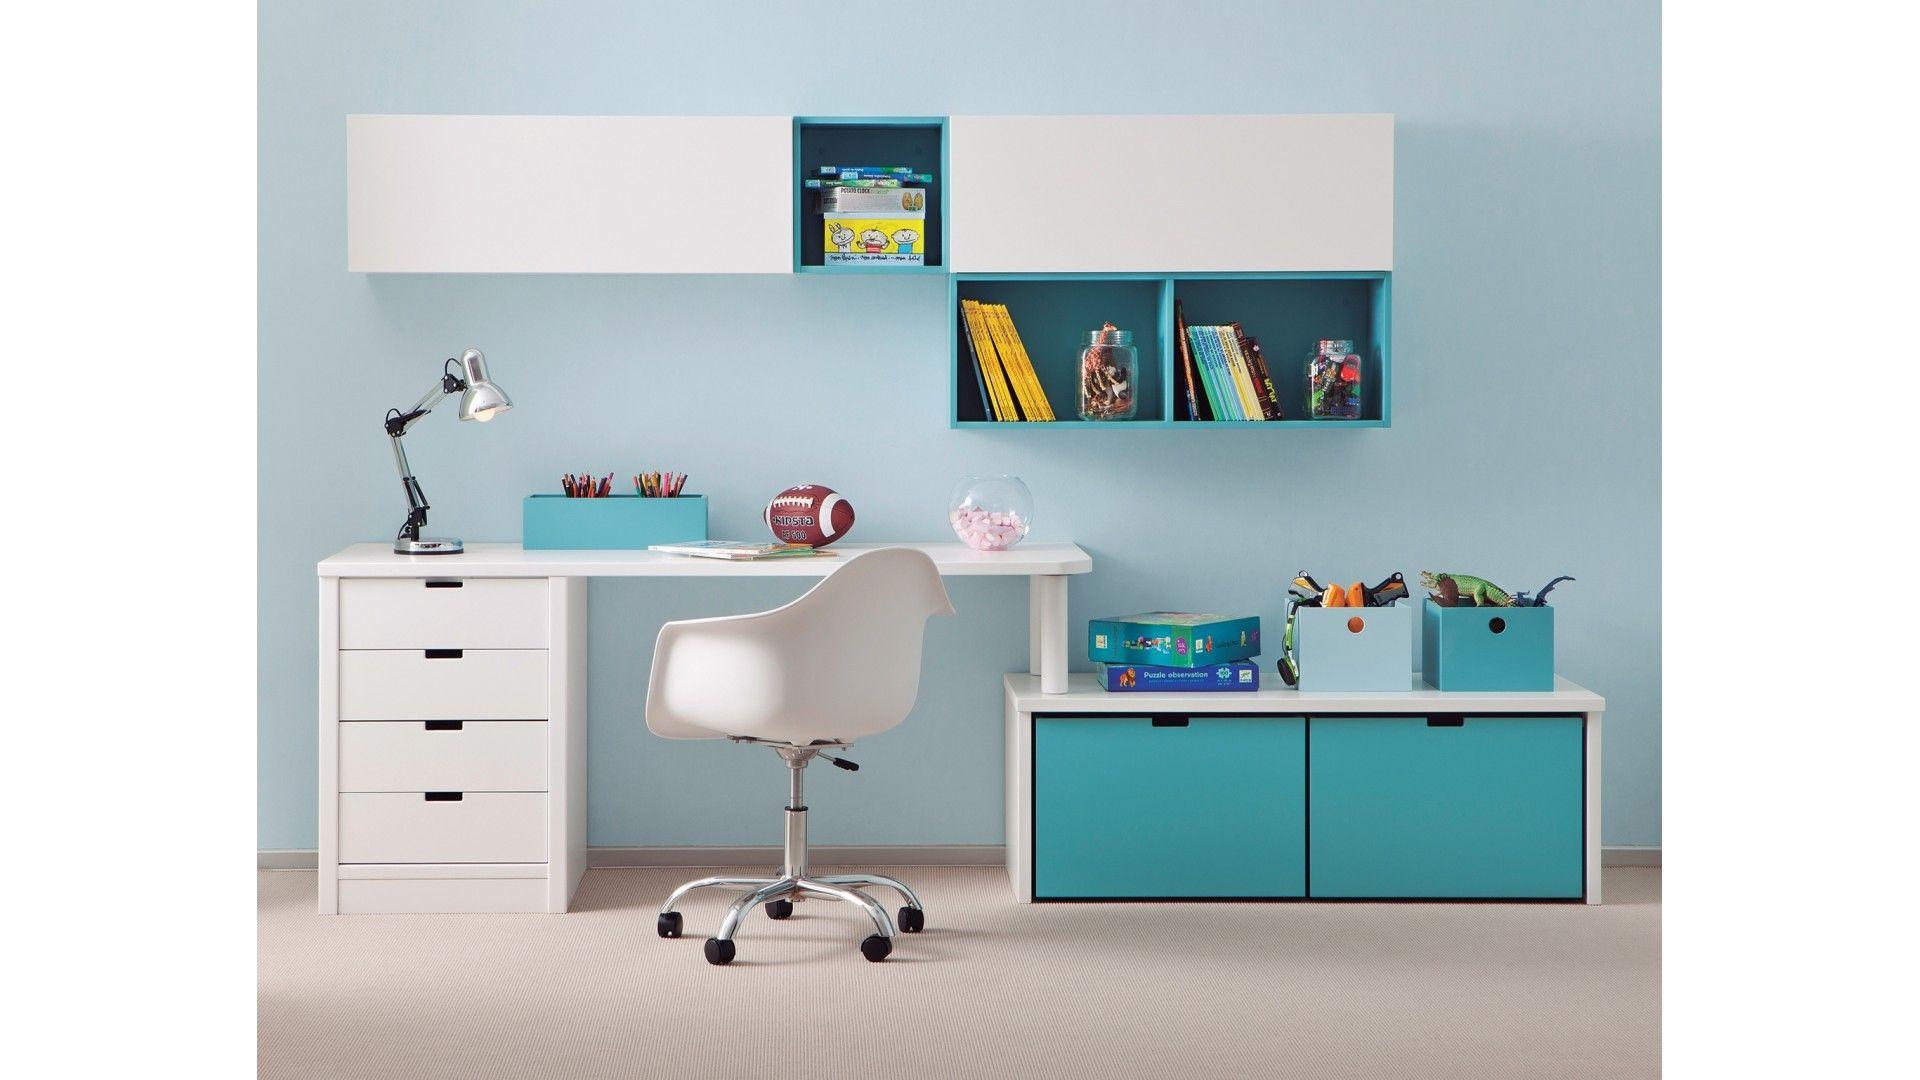 Bureau Enfant C28 Asoral Kids Bedroom Furniture Study Table